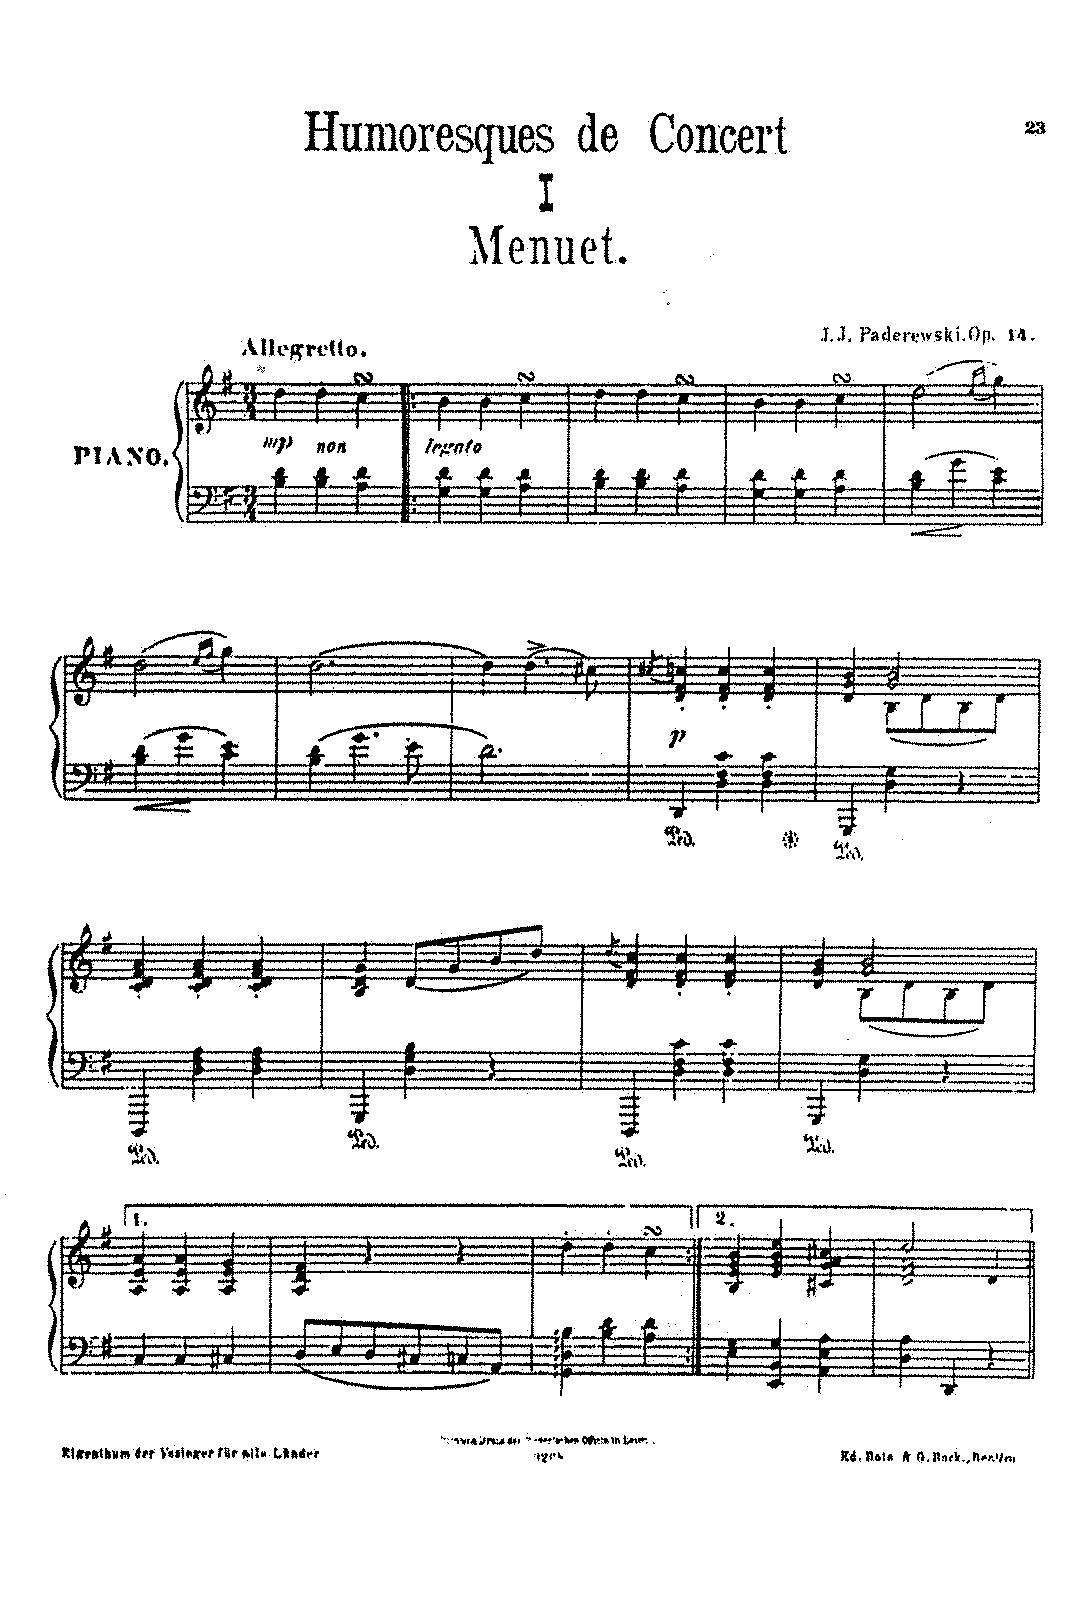 Paderewski, op. 14 n, 1